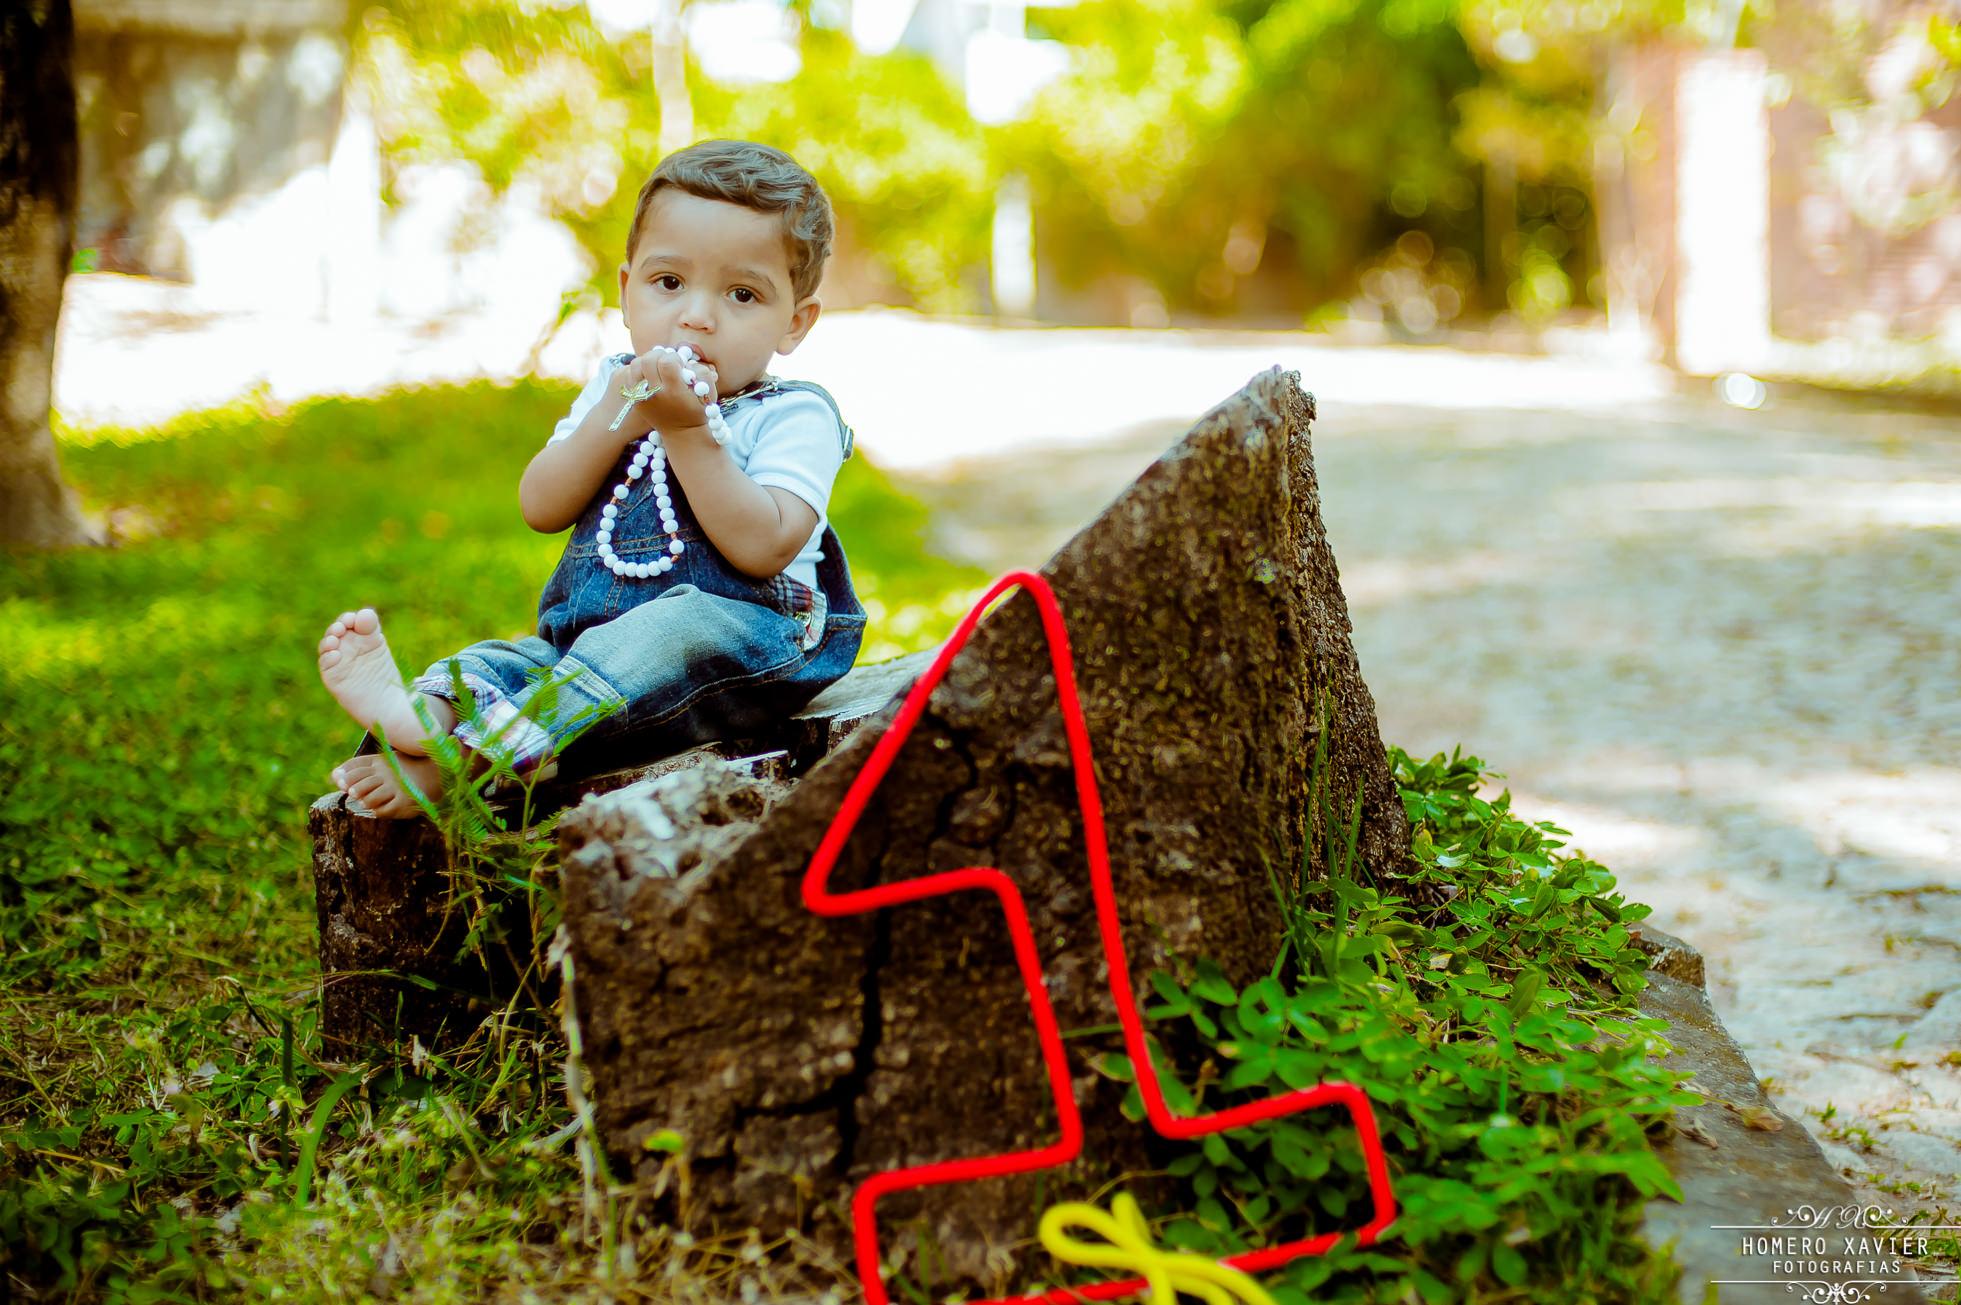 fotografia infantil smash the cake super mario bh